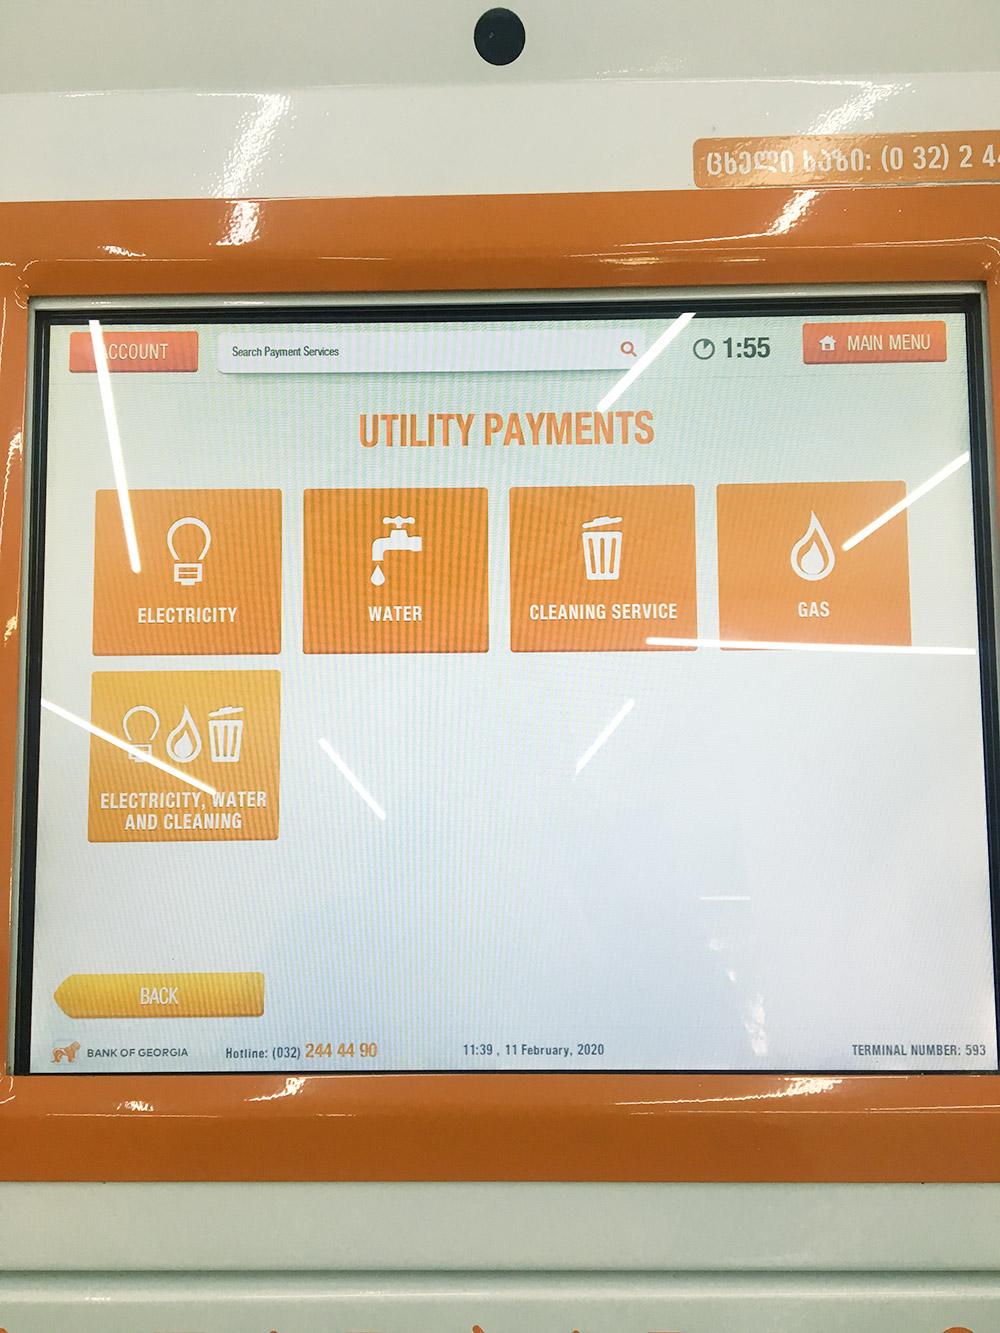 Автомат для оплаты услуг ЖКХ. Выбираете вид услуги и компанию, вбиваете номер счета и засовываете деньги. Комиссия 1,5%